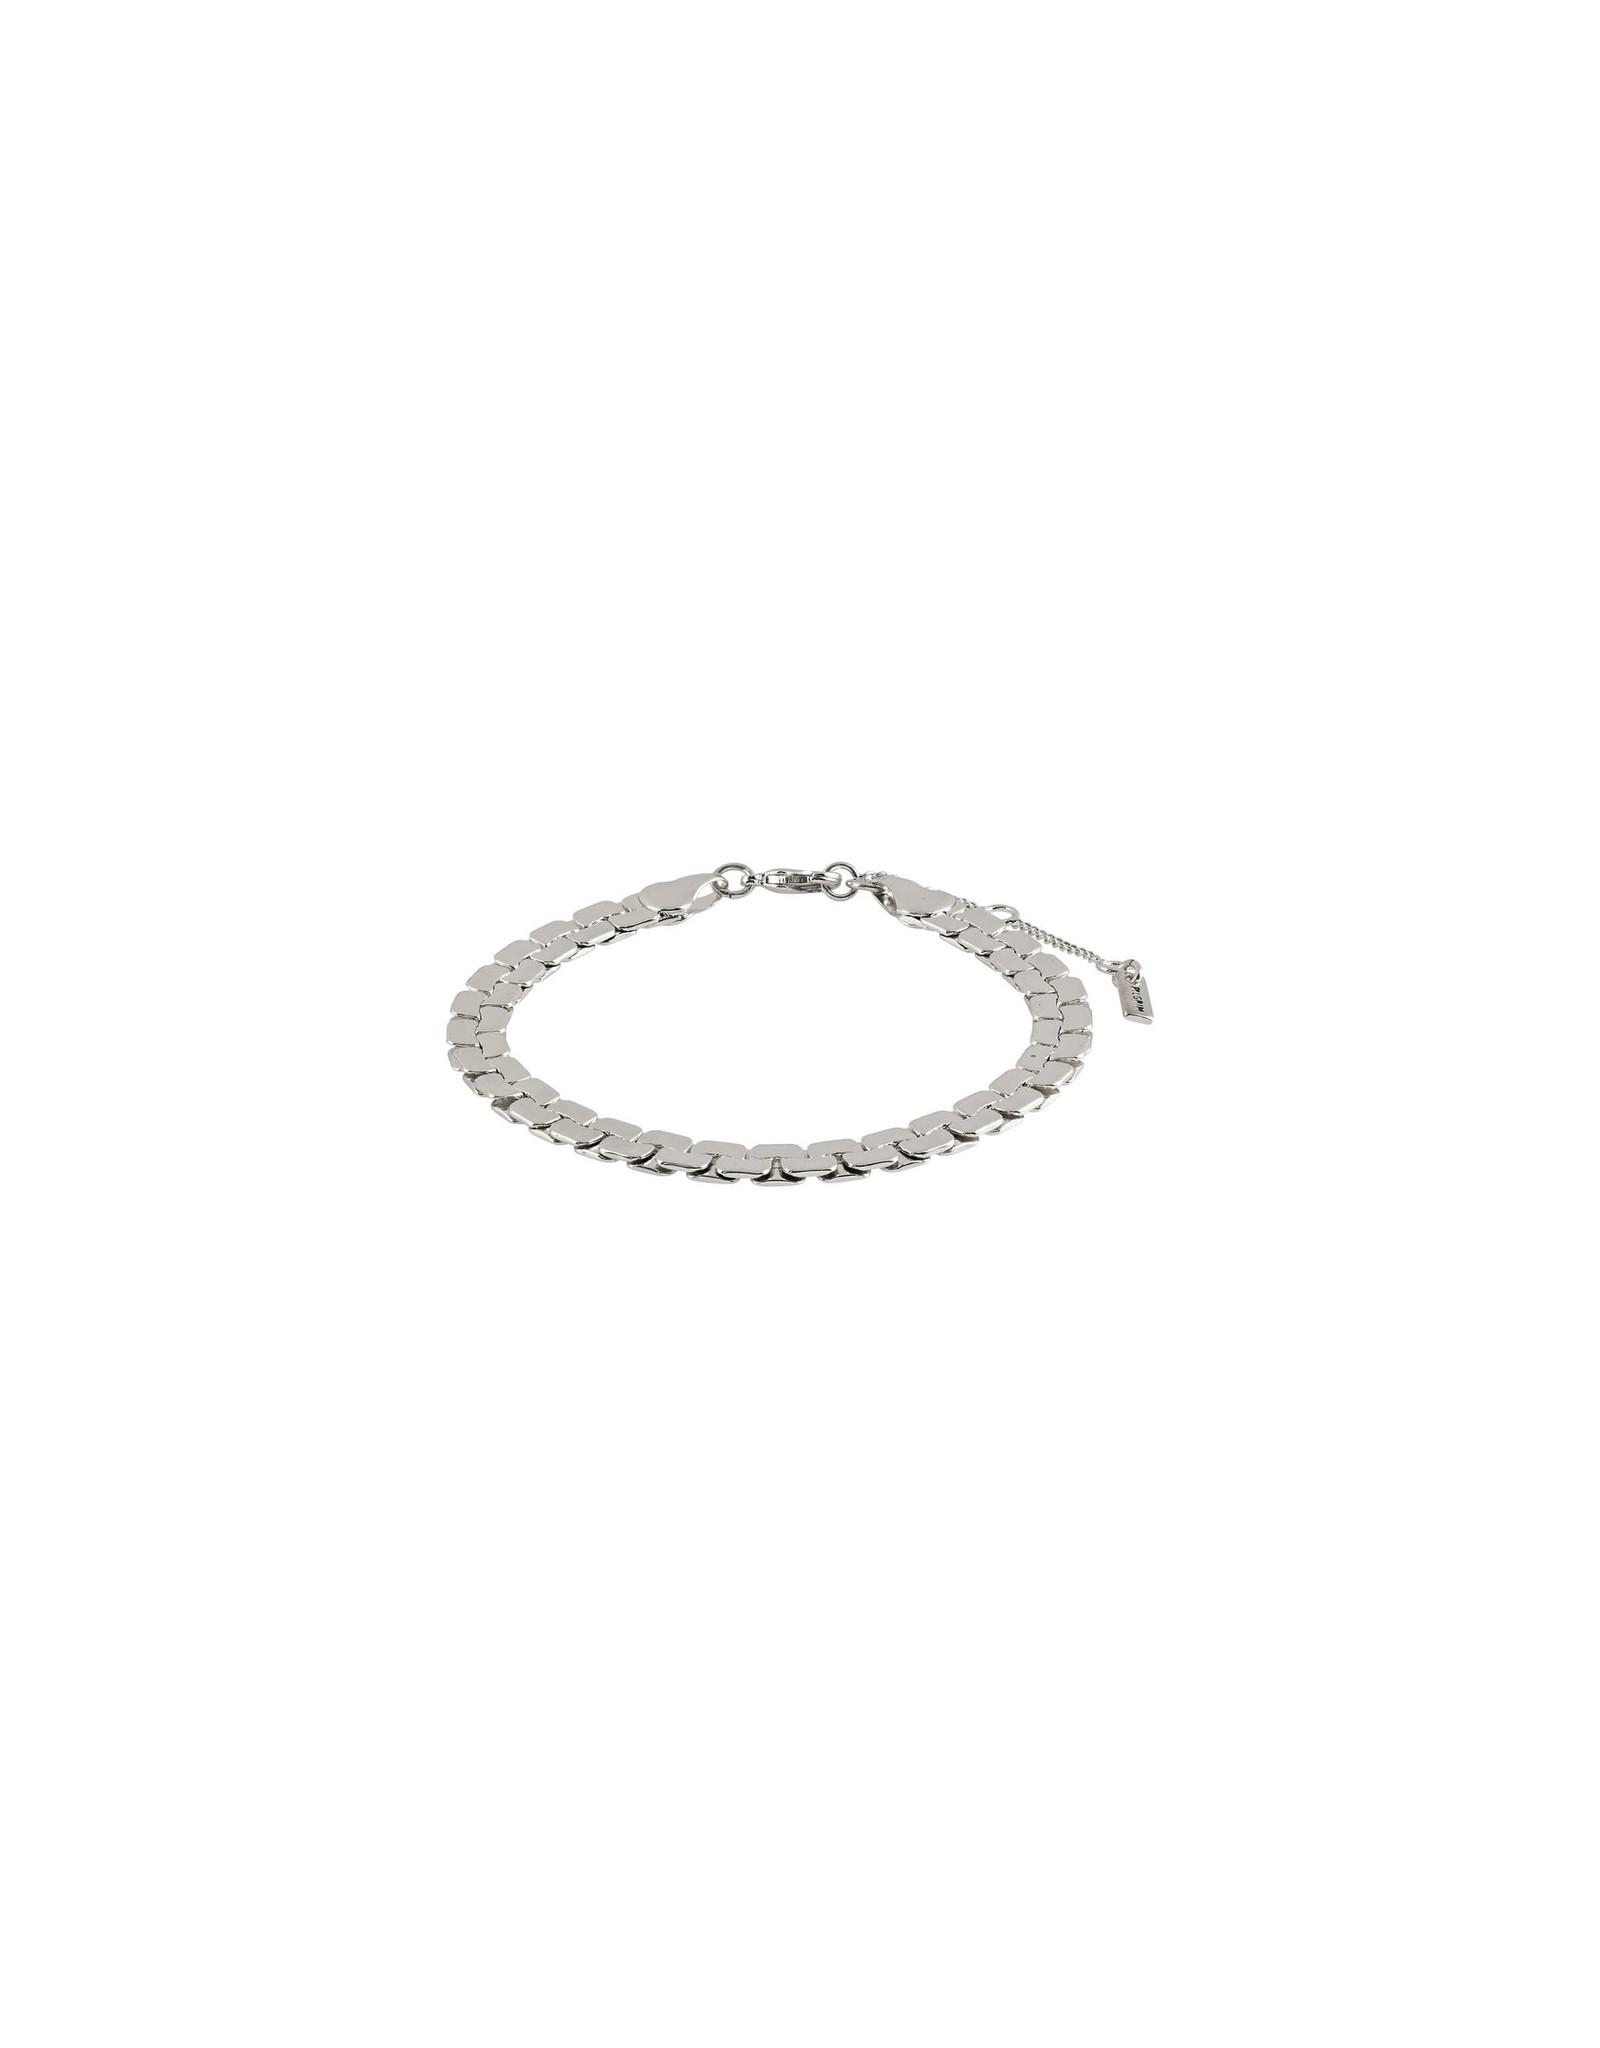 Pilgrim Pilgrim Beauty Bracelet Silver Plated